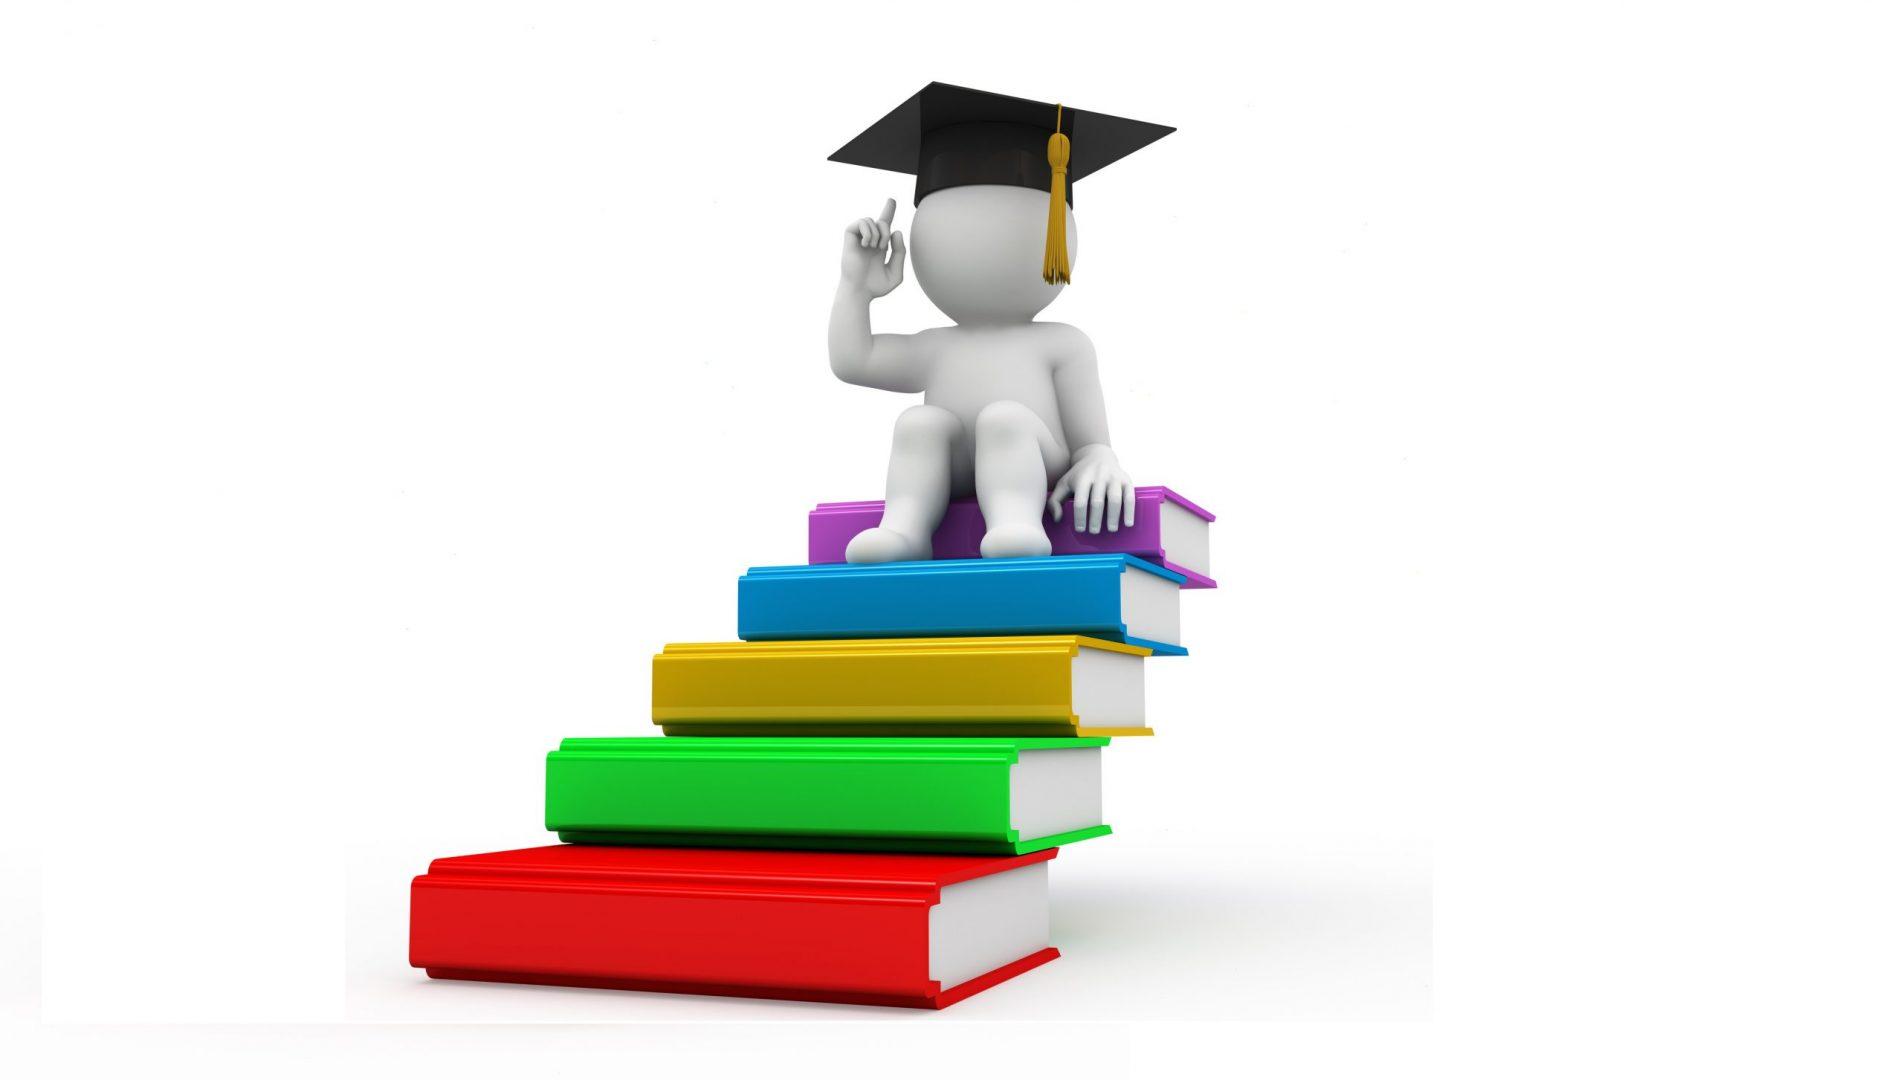 Ngành Giáo dục Tiểu học là gì?